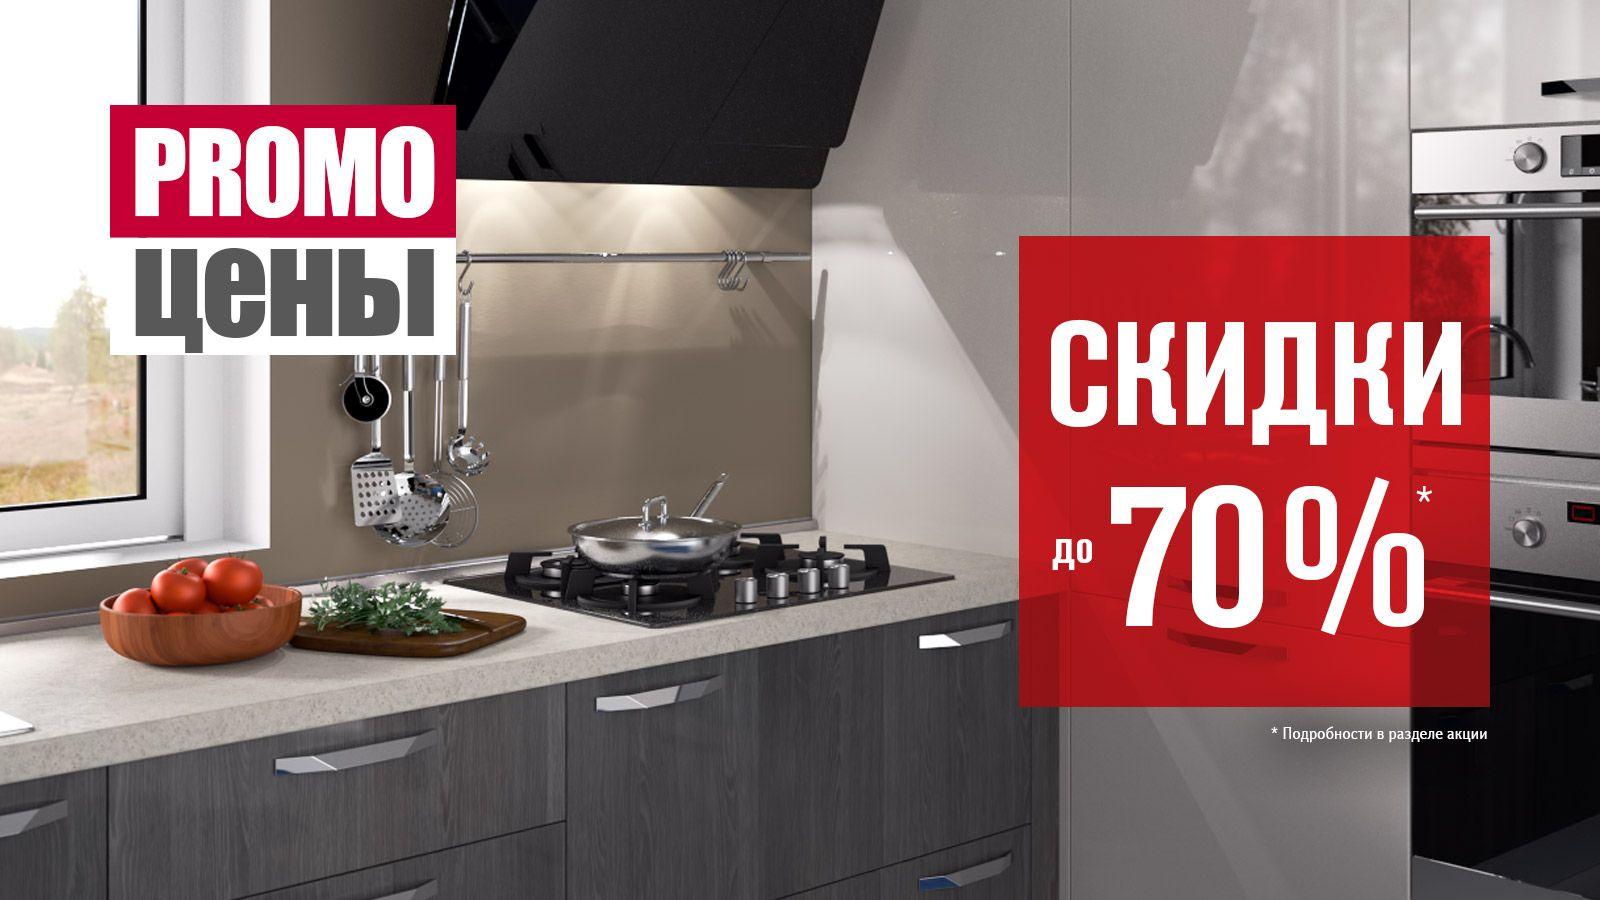 Скидки до 70% на товары для кухни!